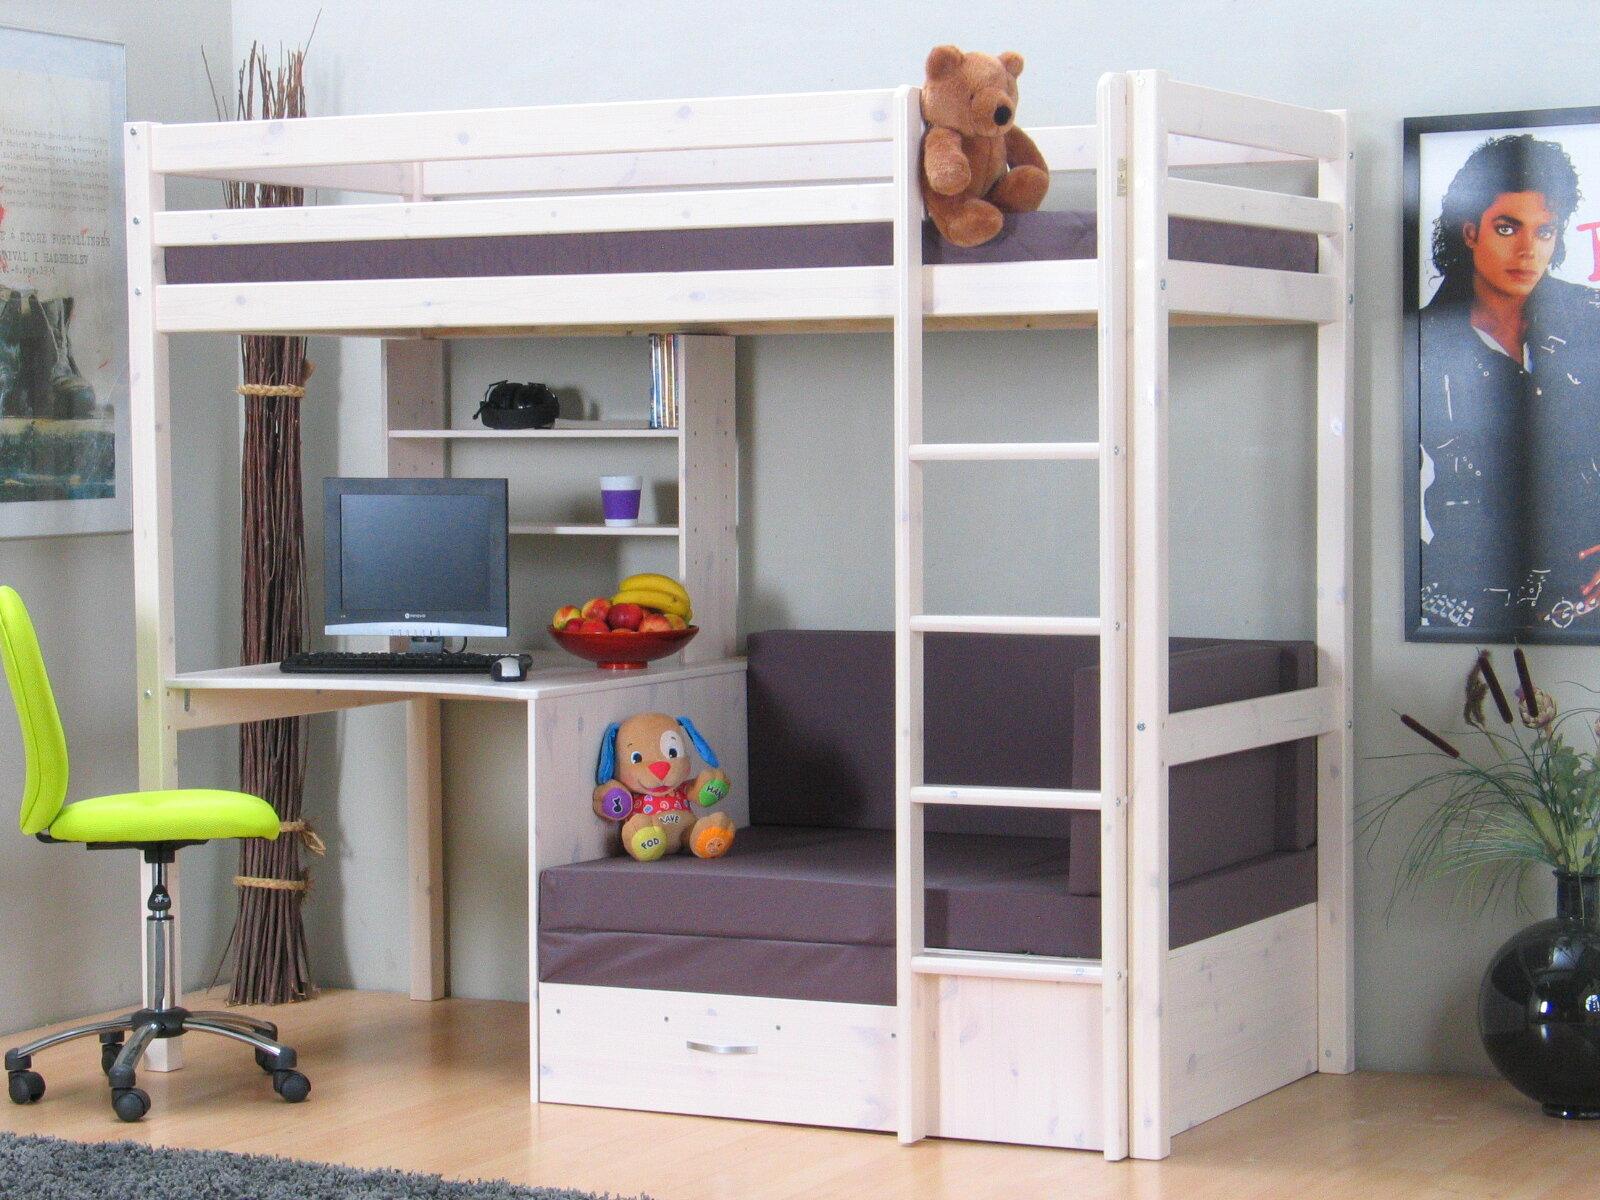 Sofa Zum Etagenbett : Viv rae hochbett devin kids mit couch 90 x 200 cm wayfair.de